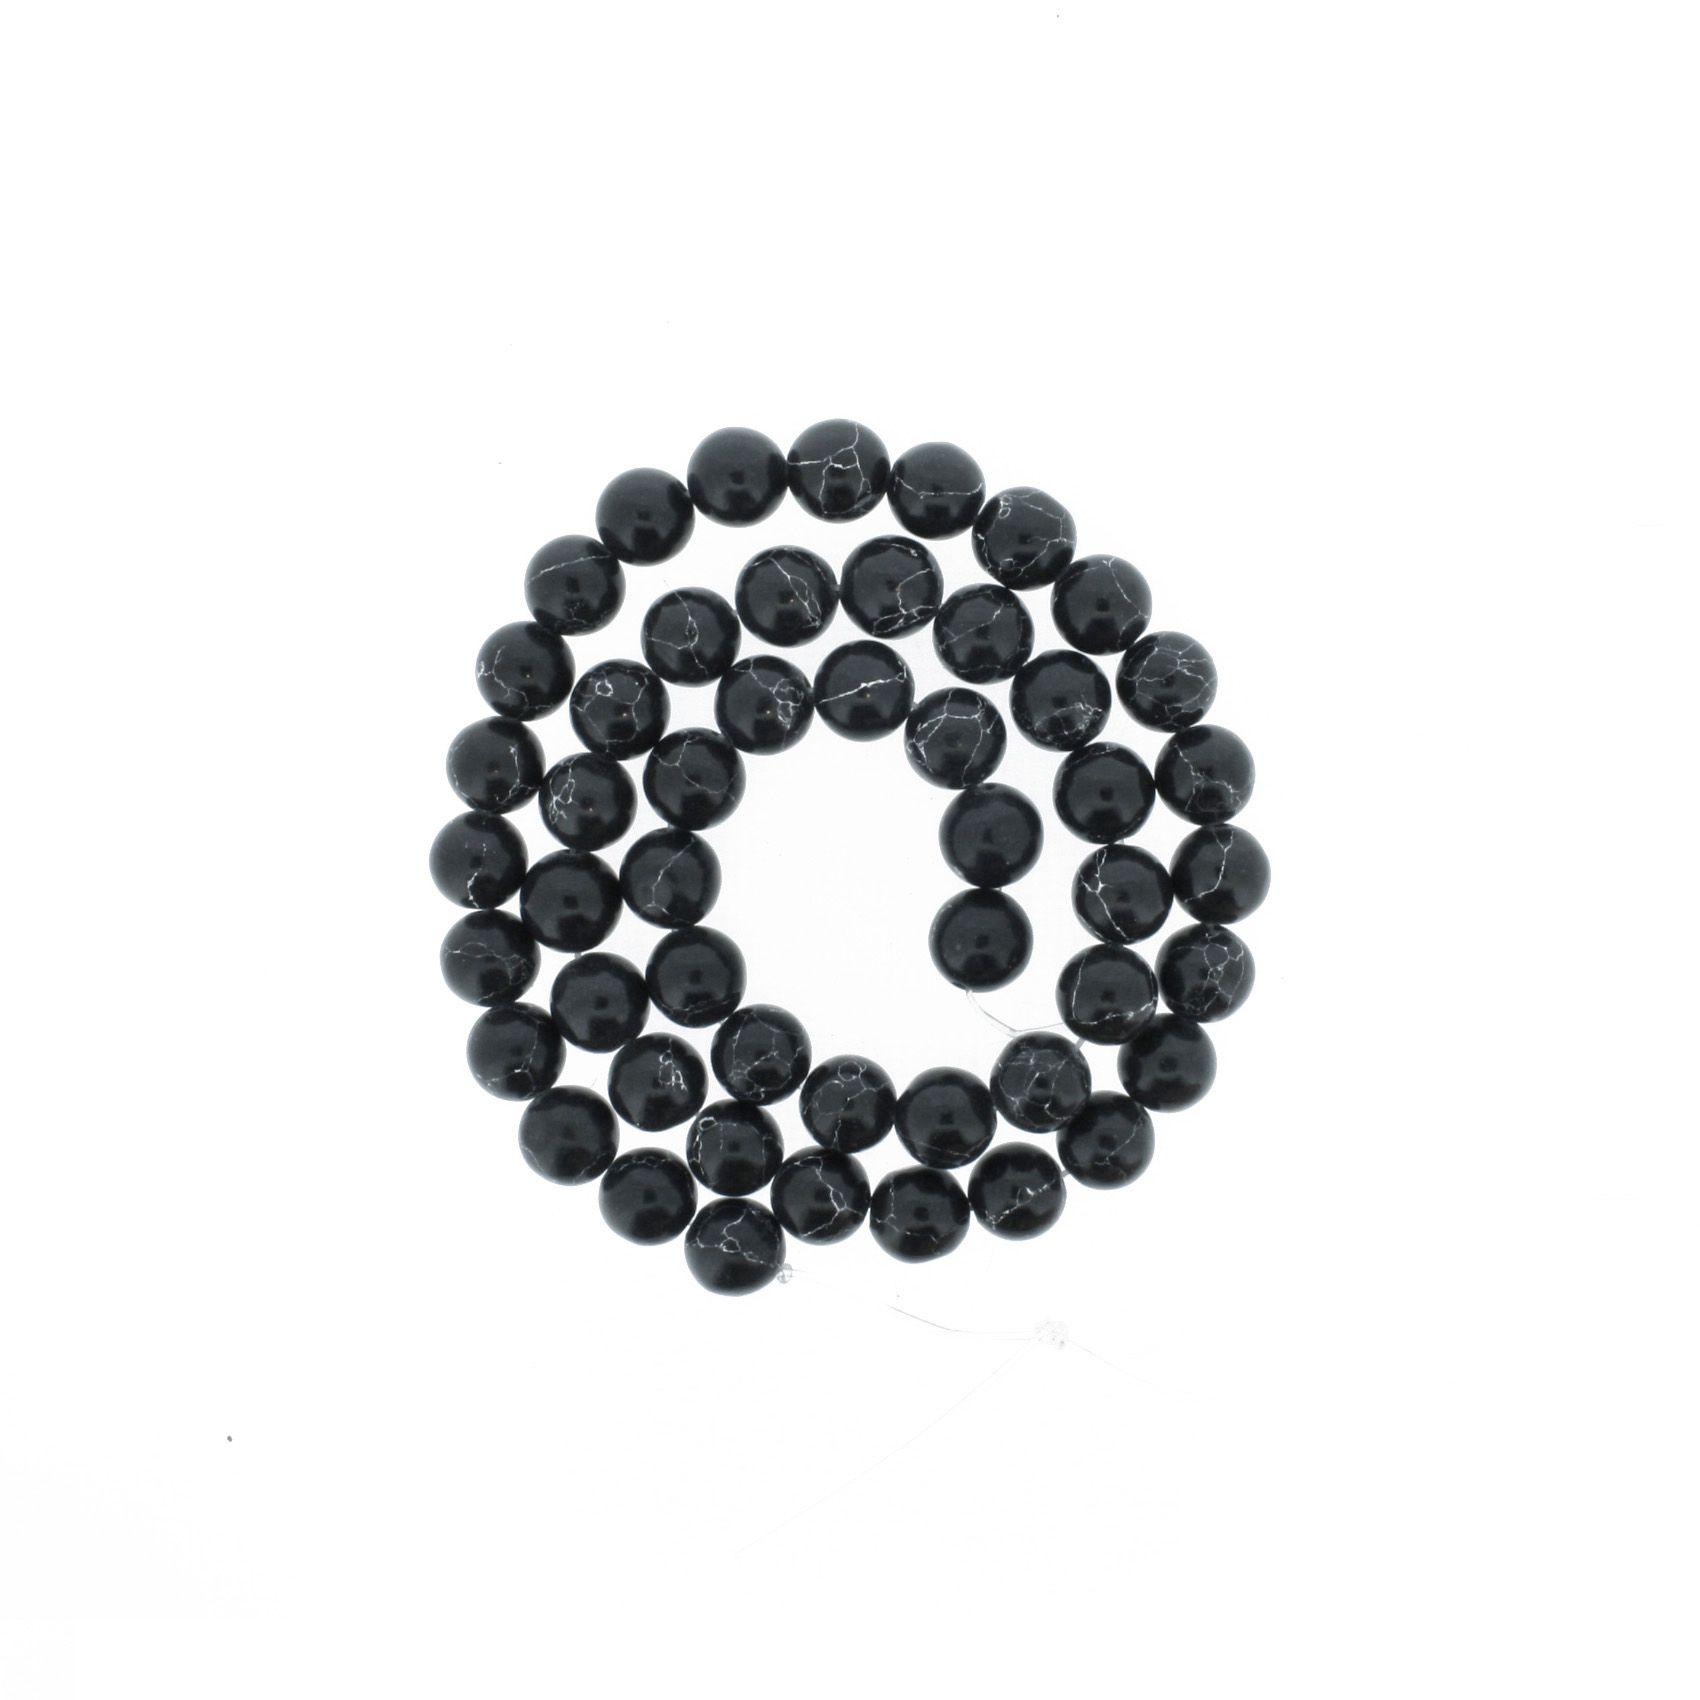 Fio de Pedra - Howlita Preta - 8mm  - Stéphanie Bijoux® - Peças para Bijuterias e Artesanato